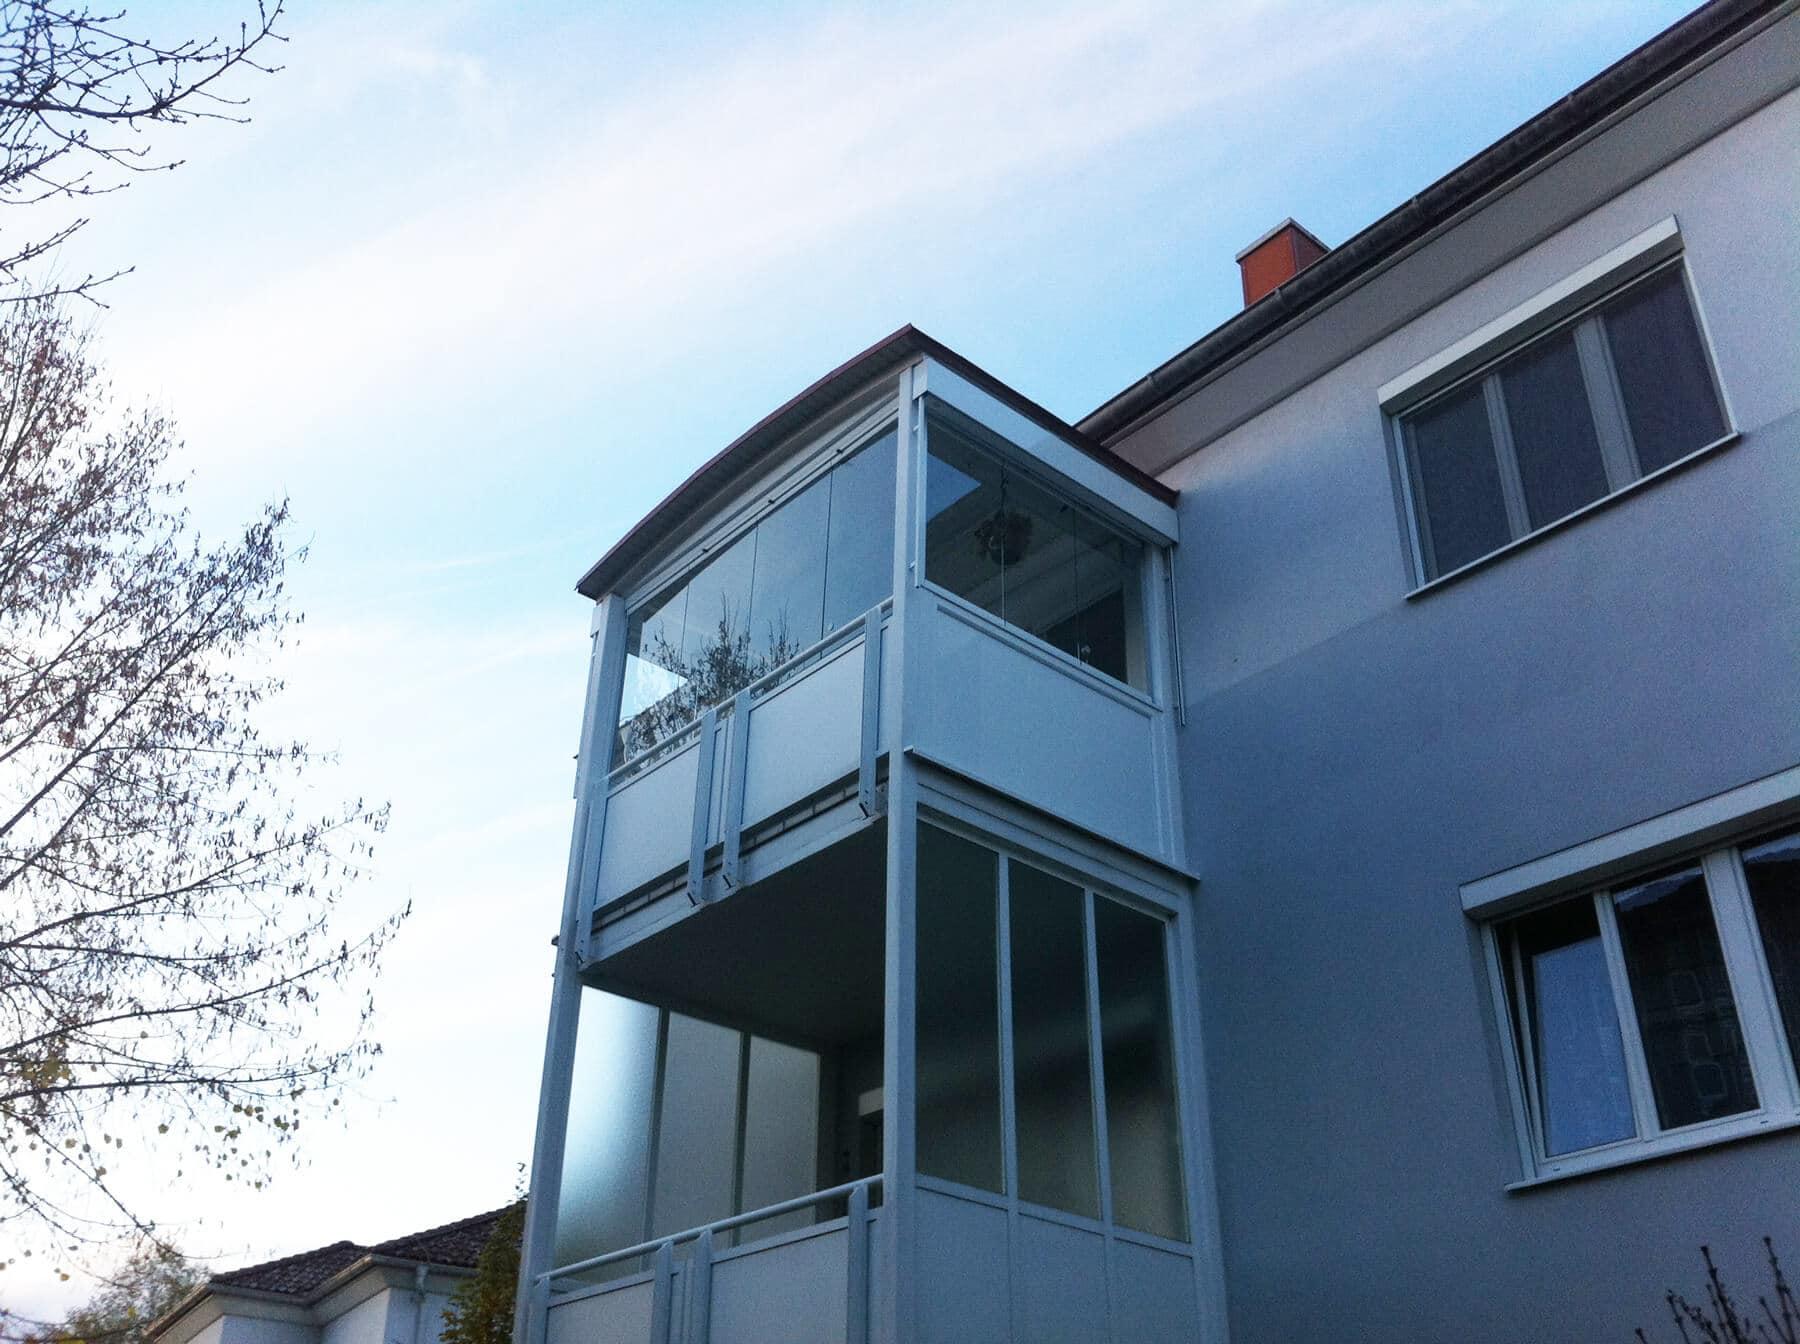 Bilder zu Balkonverglasung